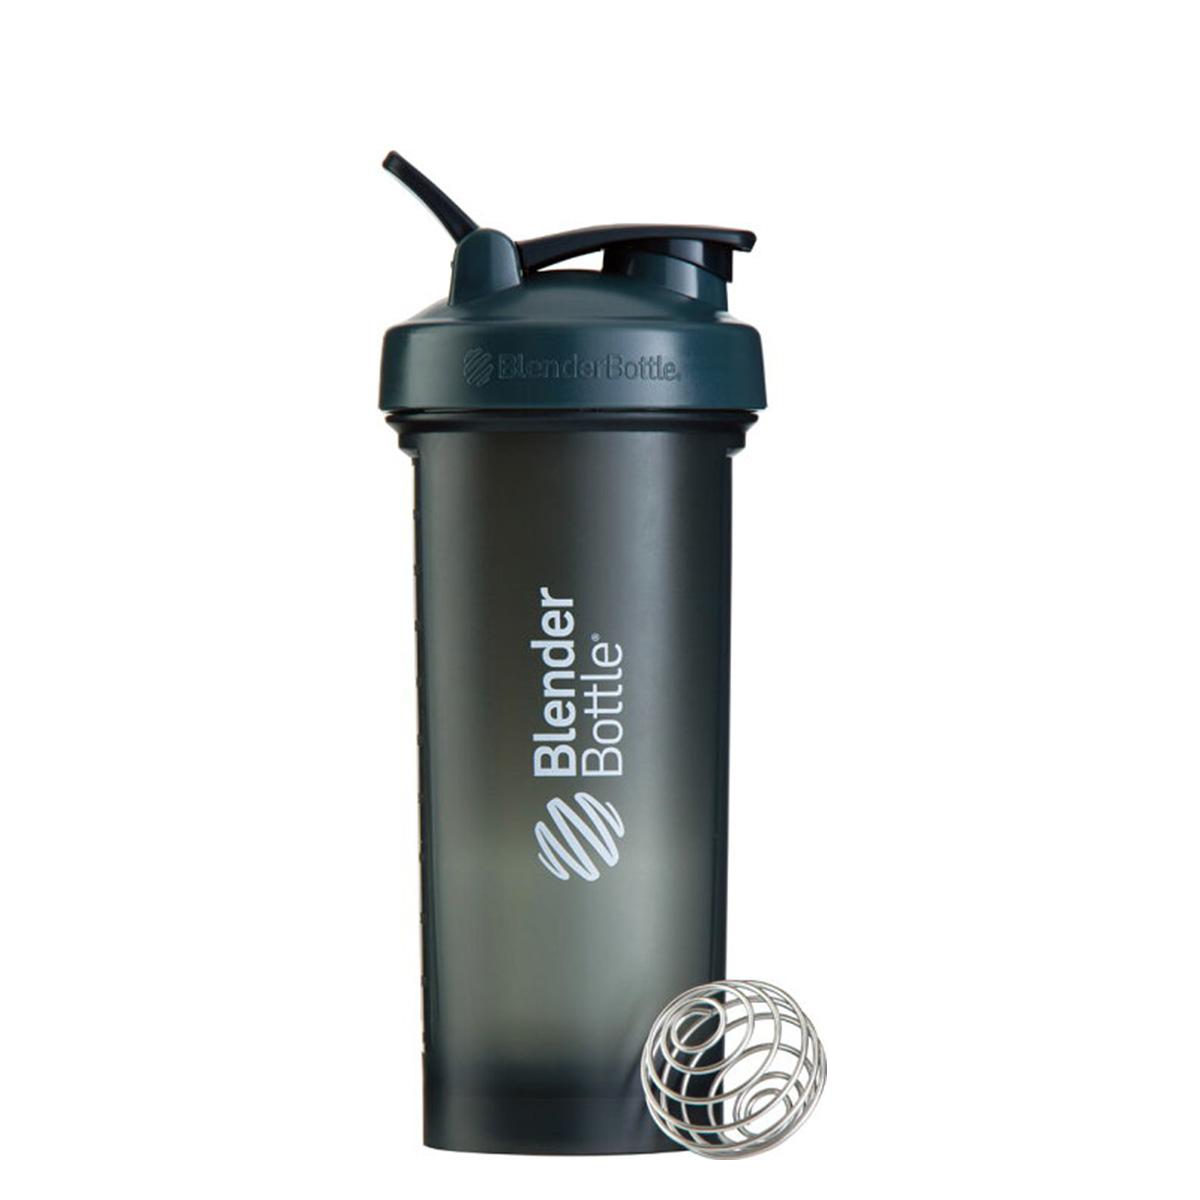 ブレンダーボトル Blender Bottle プロ 45 プロテイン シェイカー ボトル スポーツミキサー メンズ レディース 1300ml PROTEIN SHAKER グレー EXP-BBPRO45FC